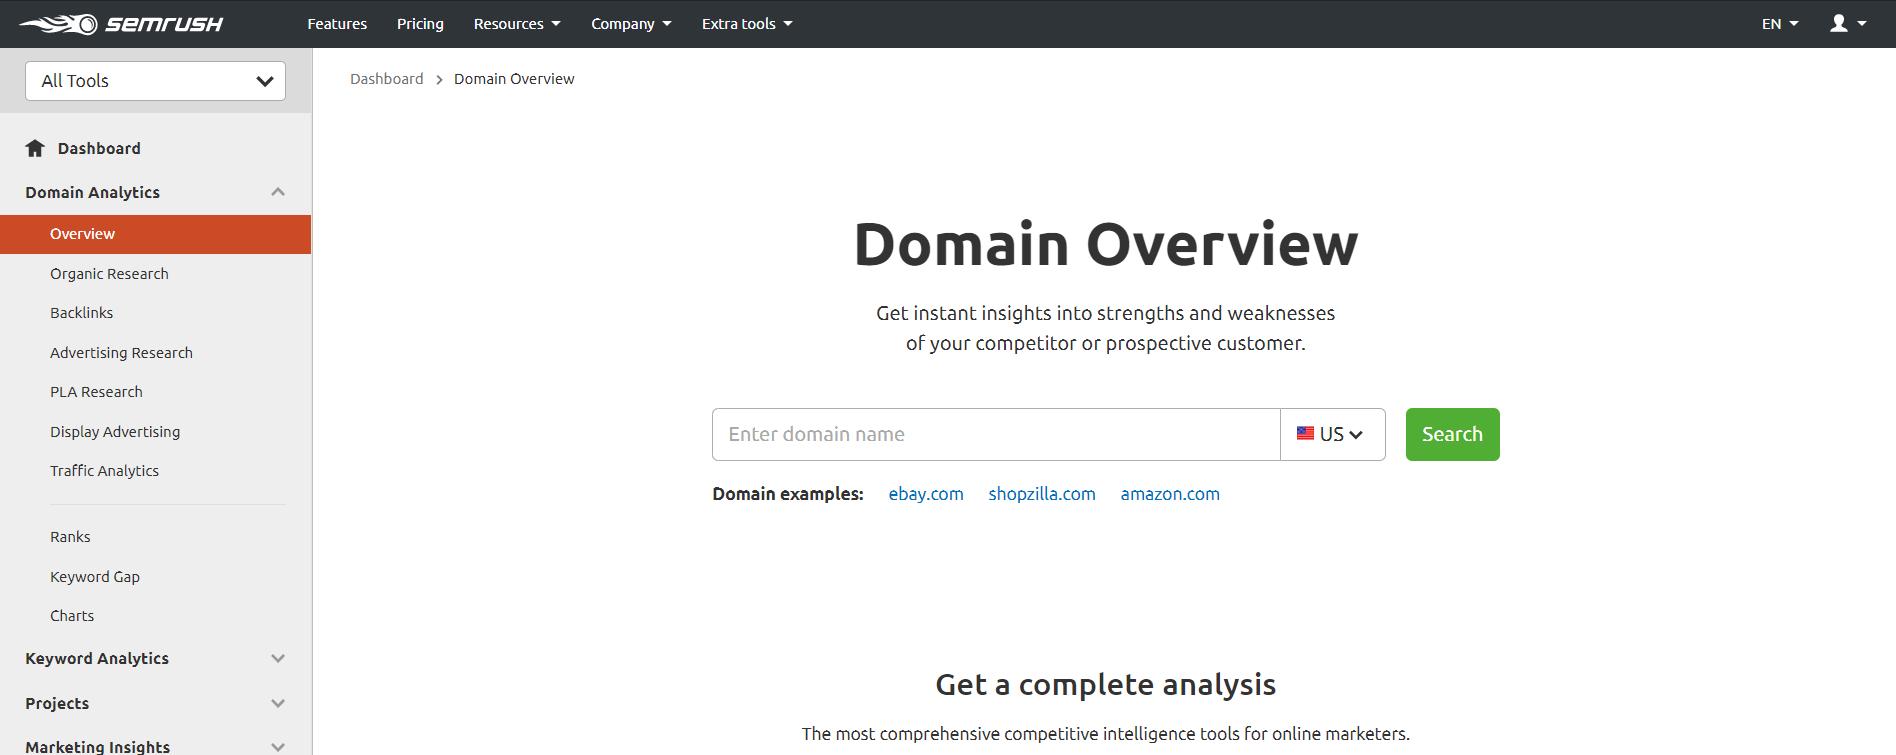 Domain-Overview-SEMrush